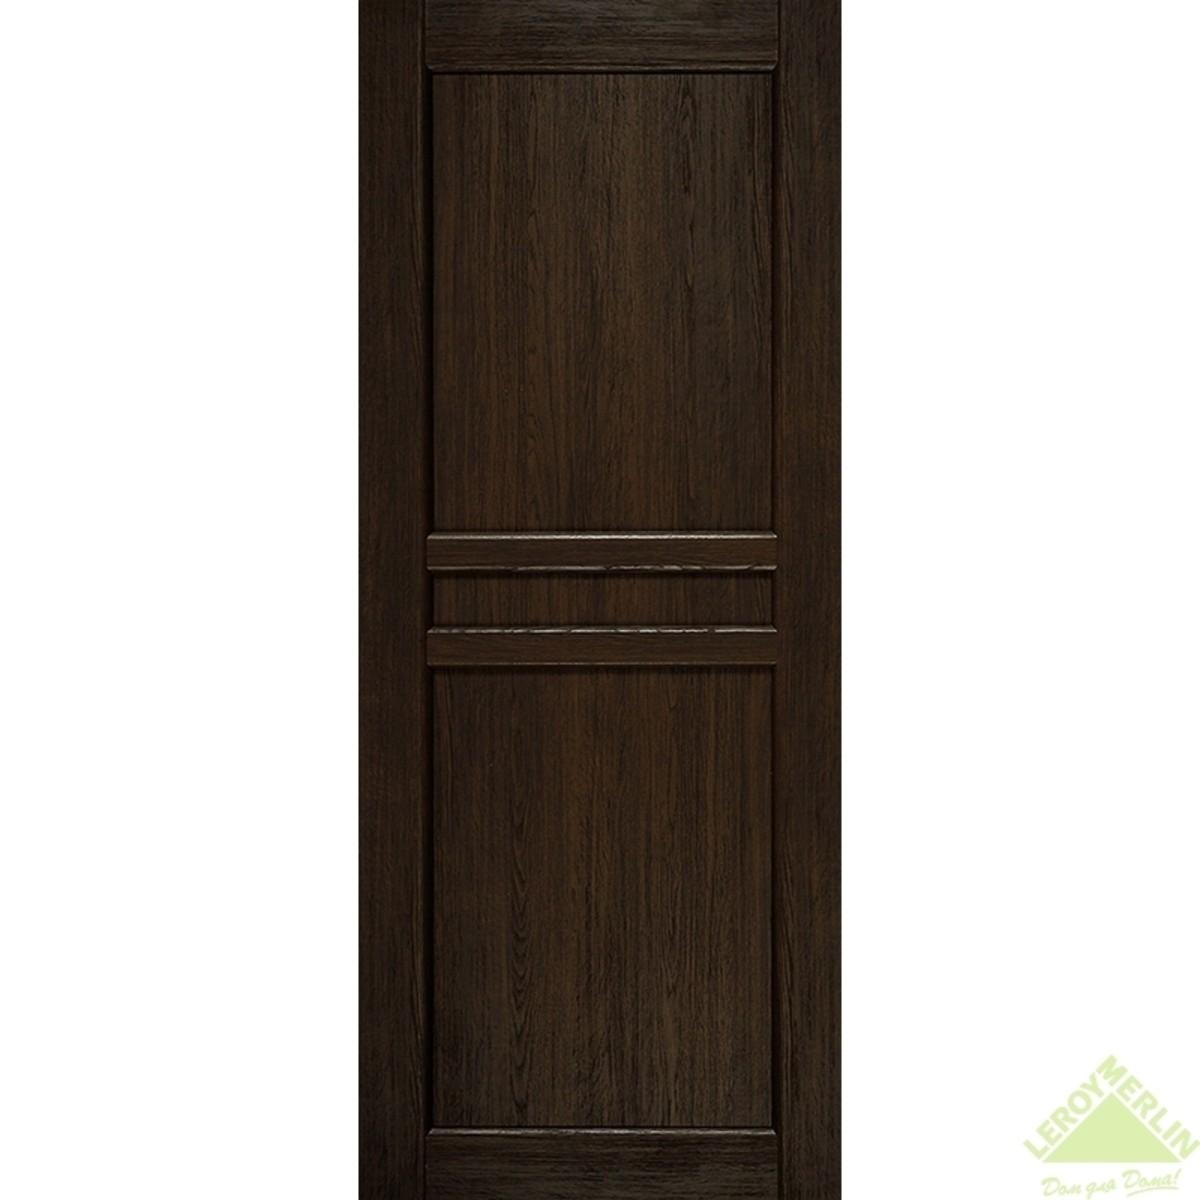 Дверное полотно глухое Элегия CPL 900x2000 мм ясень шоколадный